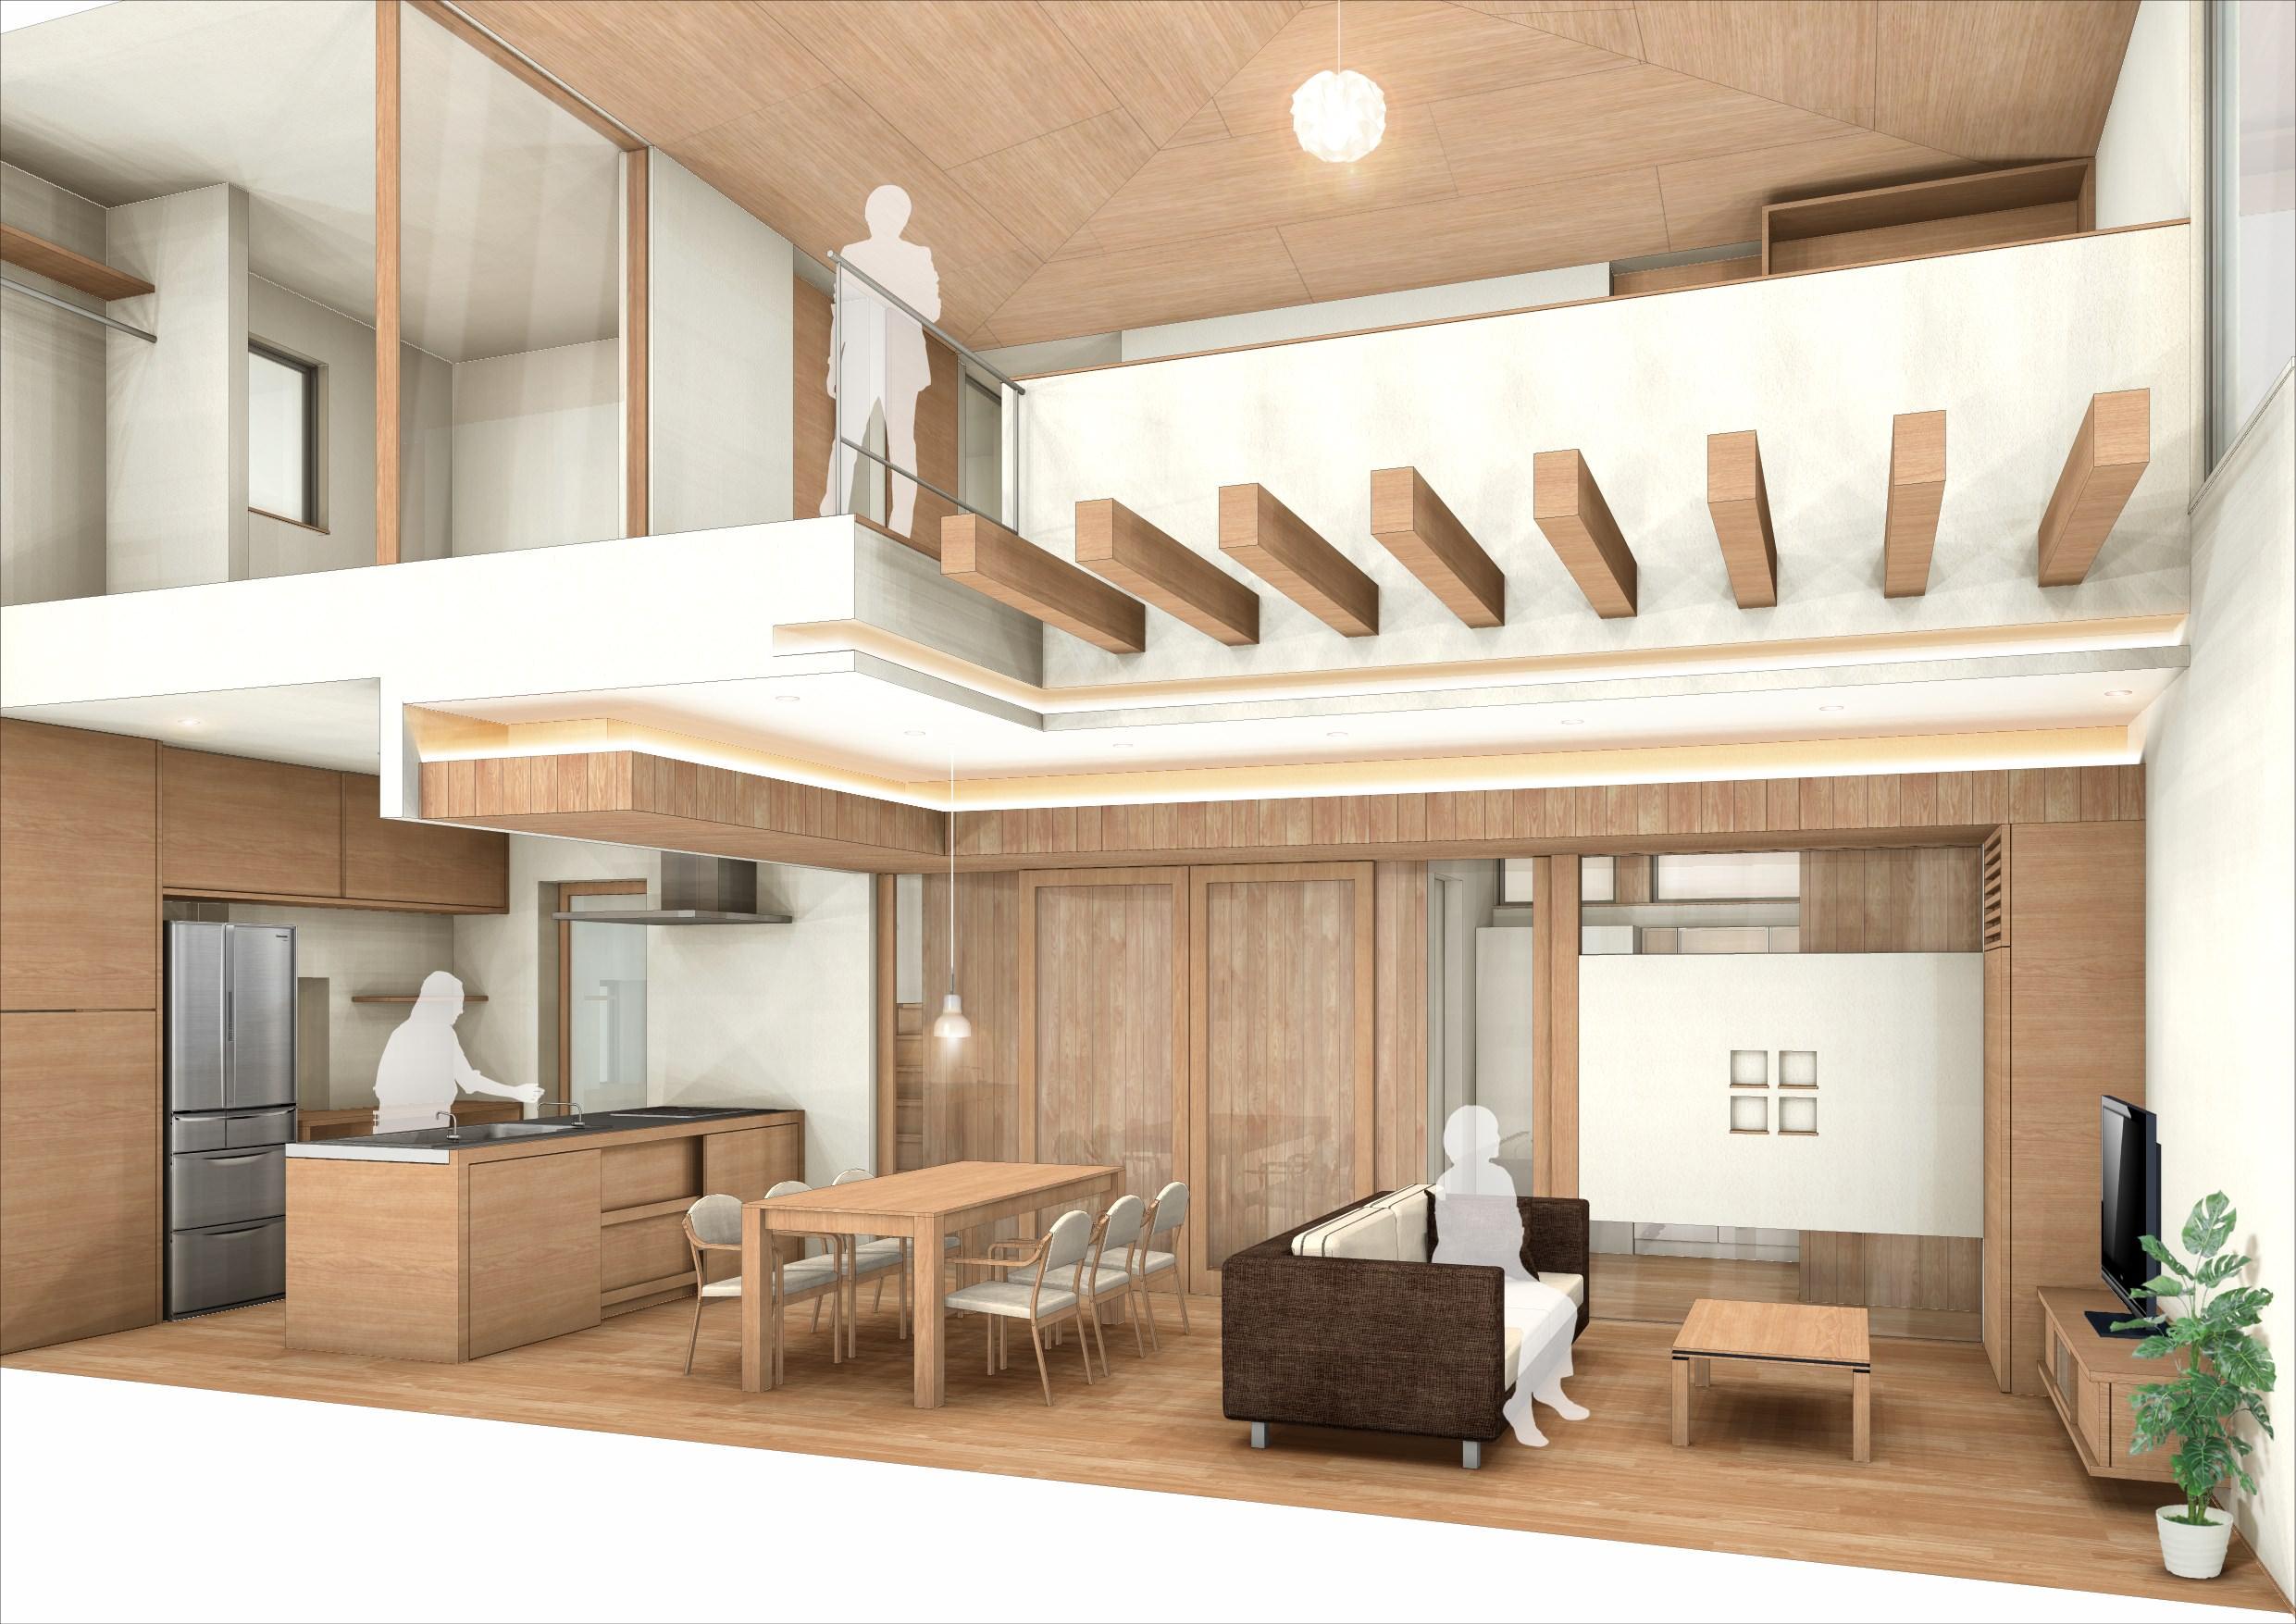 愛知県あま市甚目寺「大渕の家」木造住宅 見積中